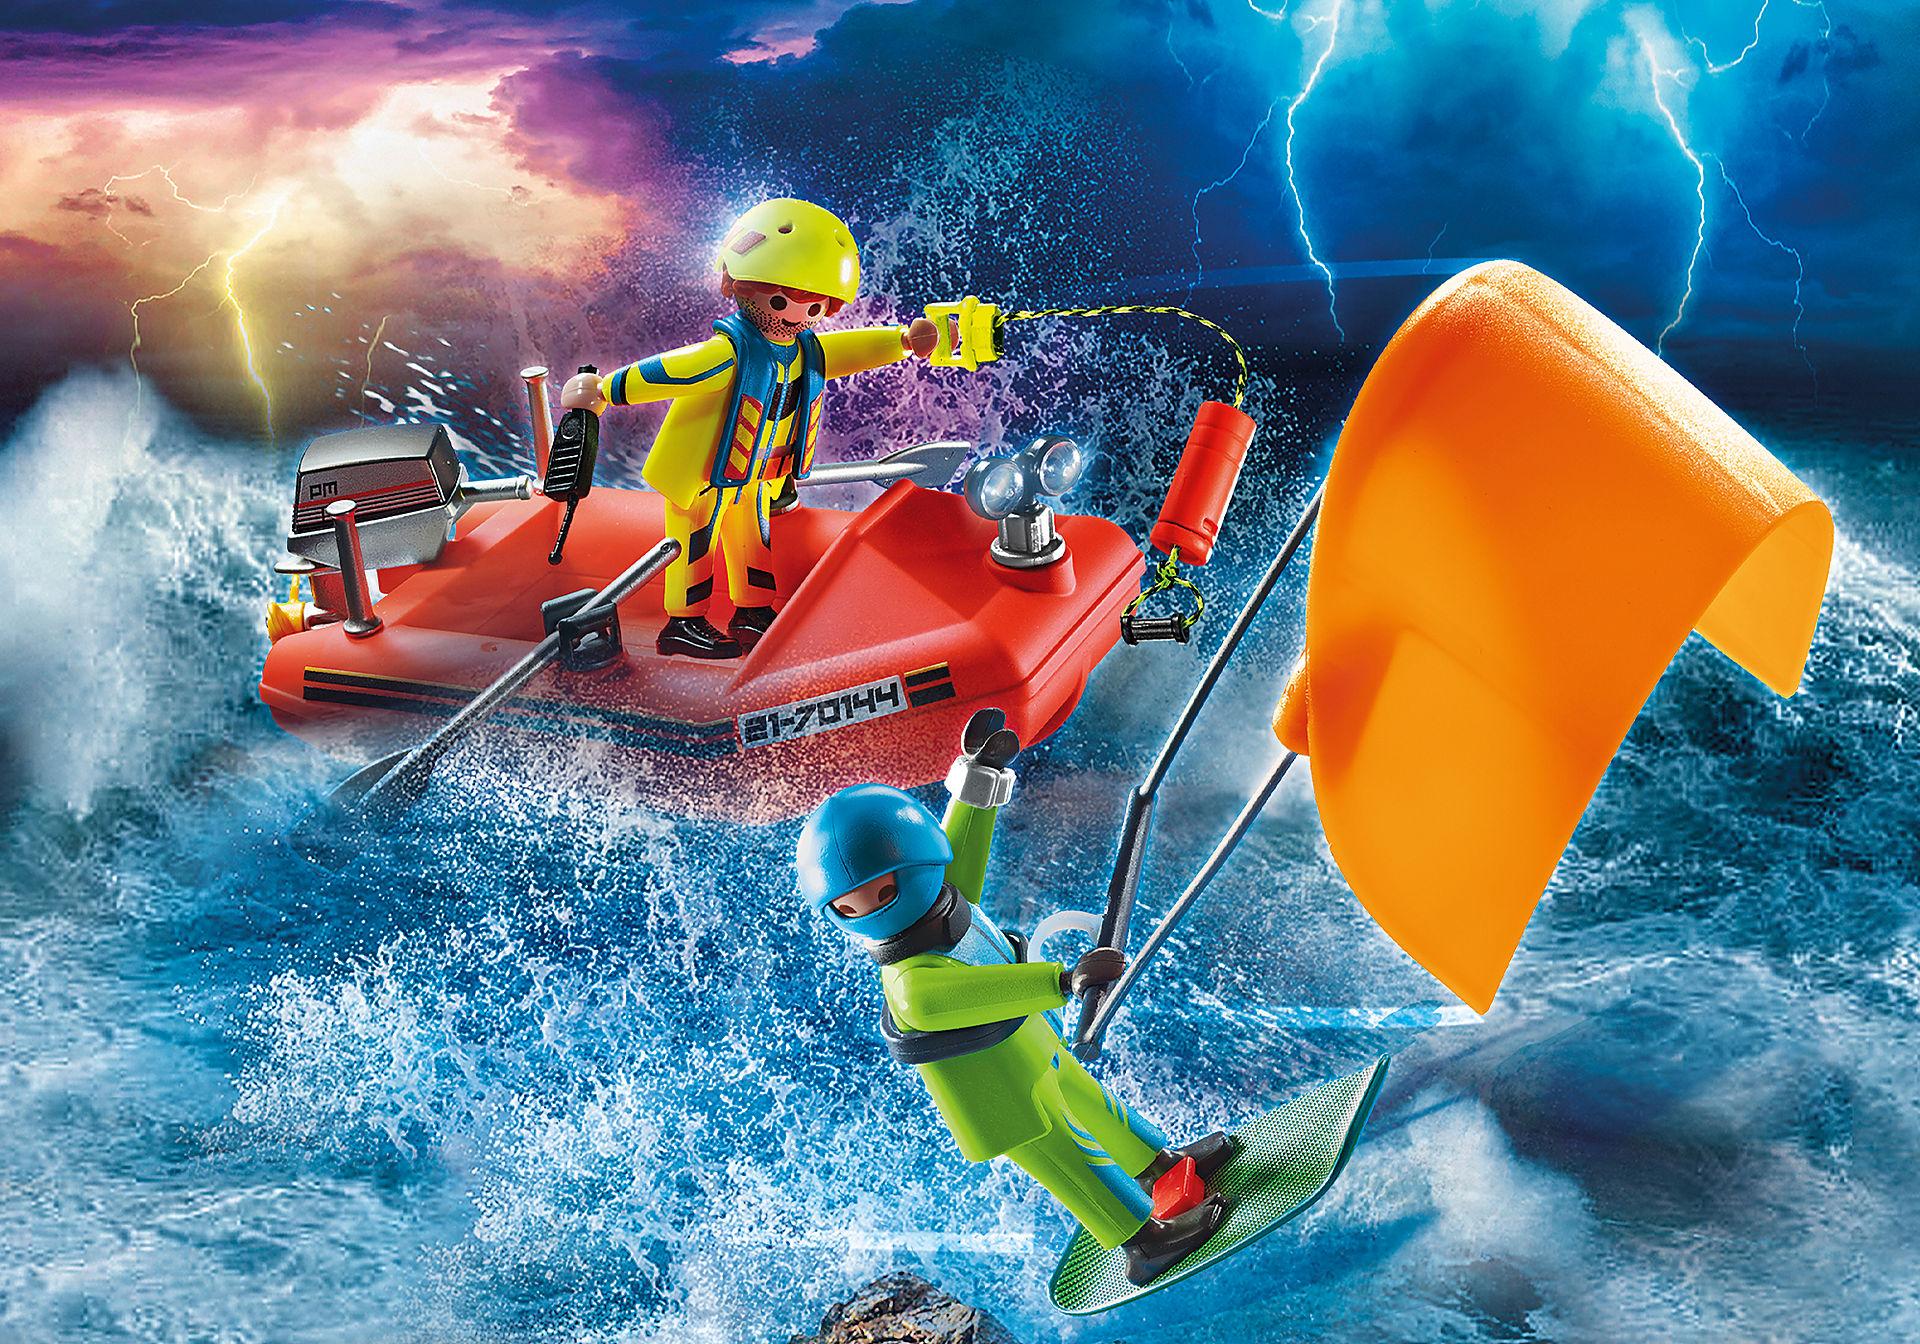 70144 Sjönöd: Draksurfarräddare med båt zoom image1